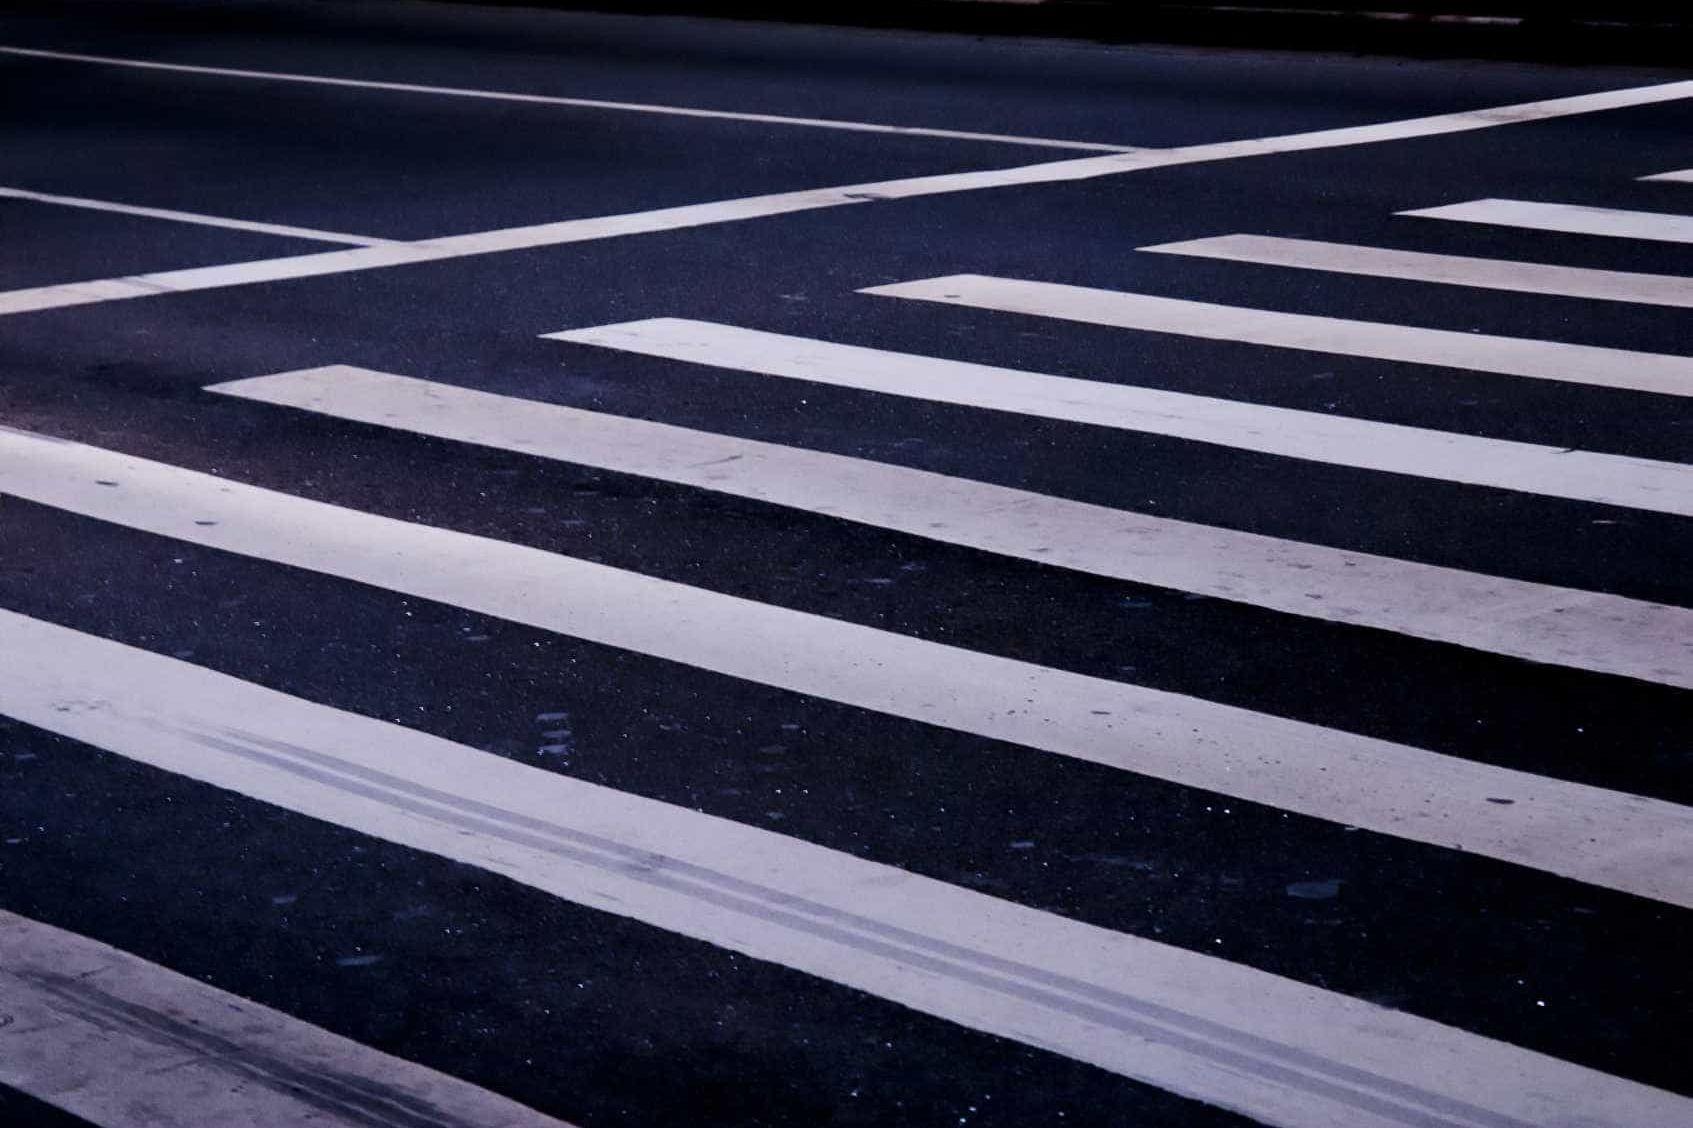 Idoso morre atropelado em passadeira em Braga. Condutor está em fuga